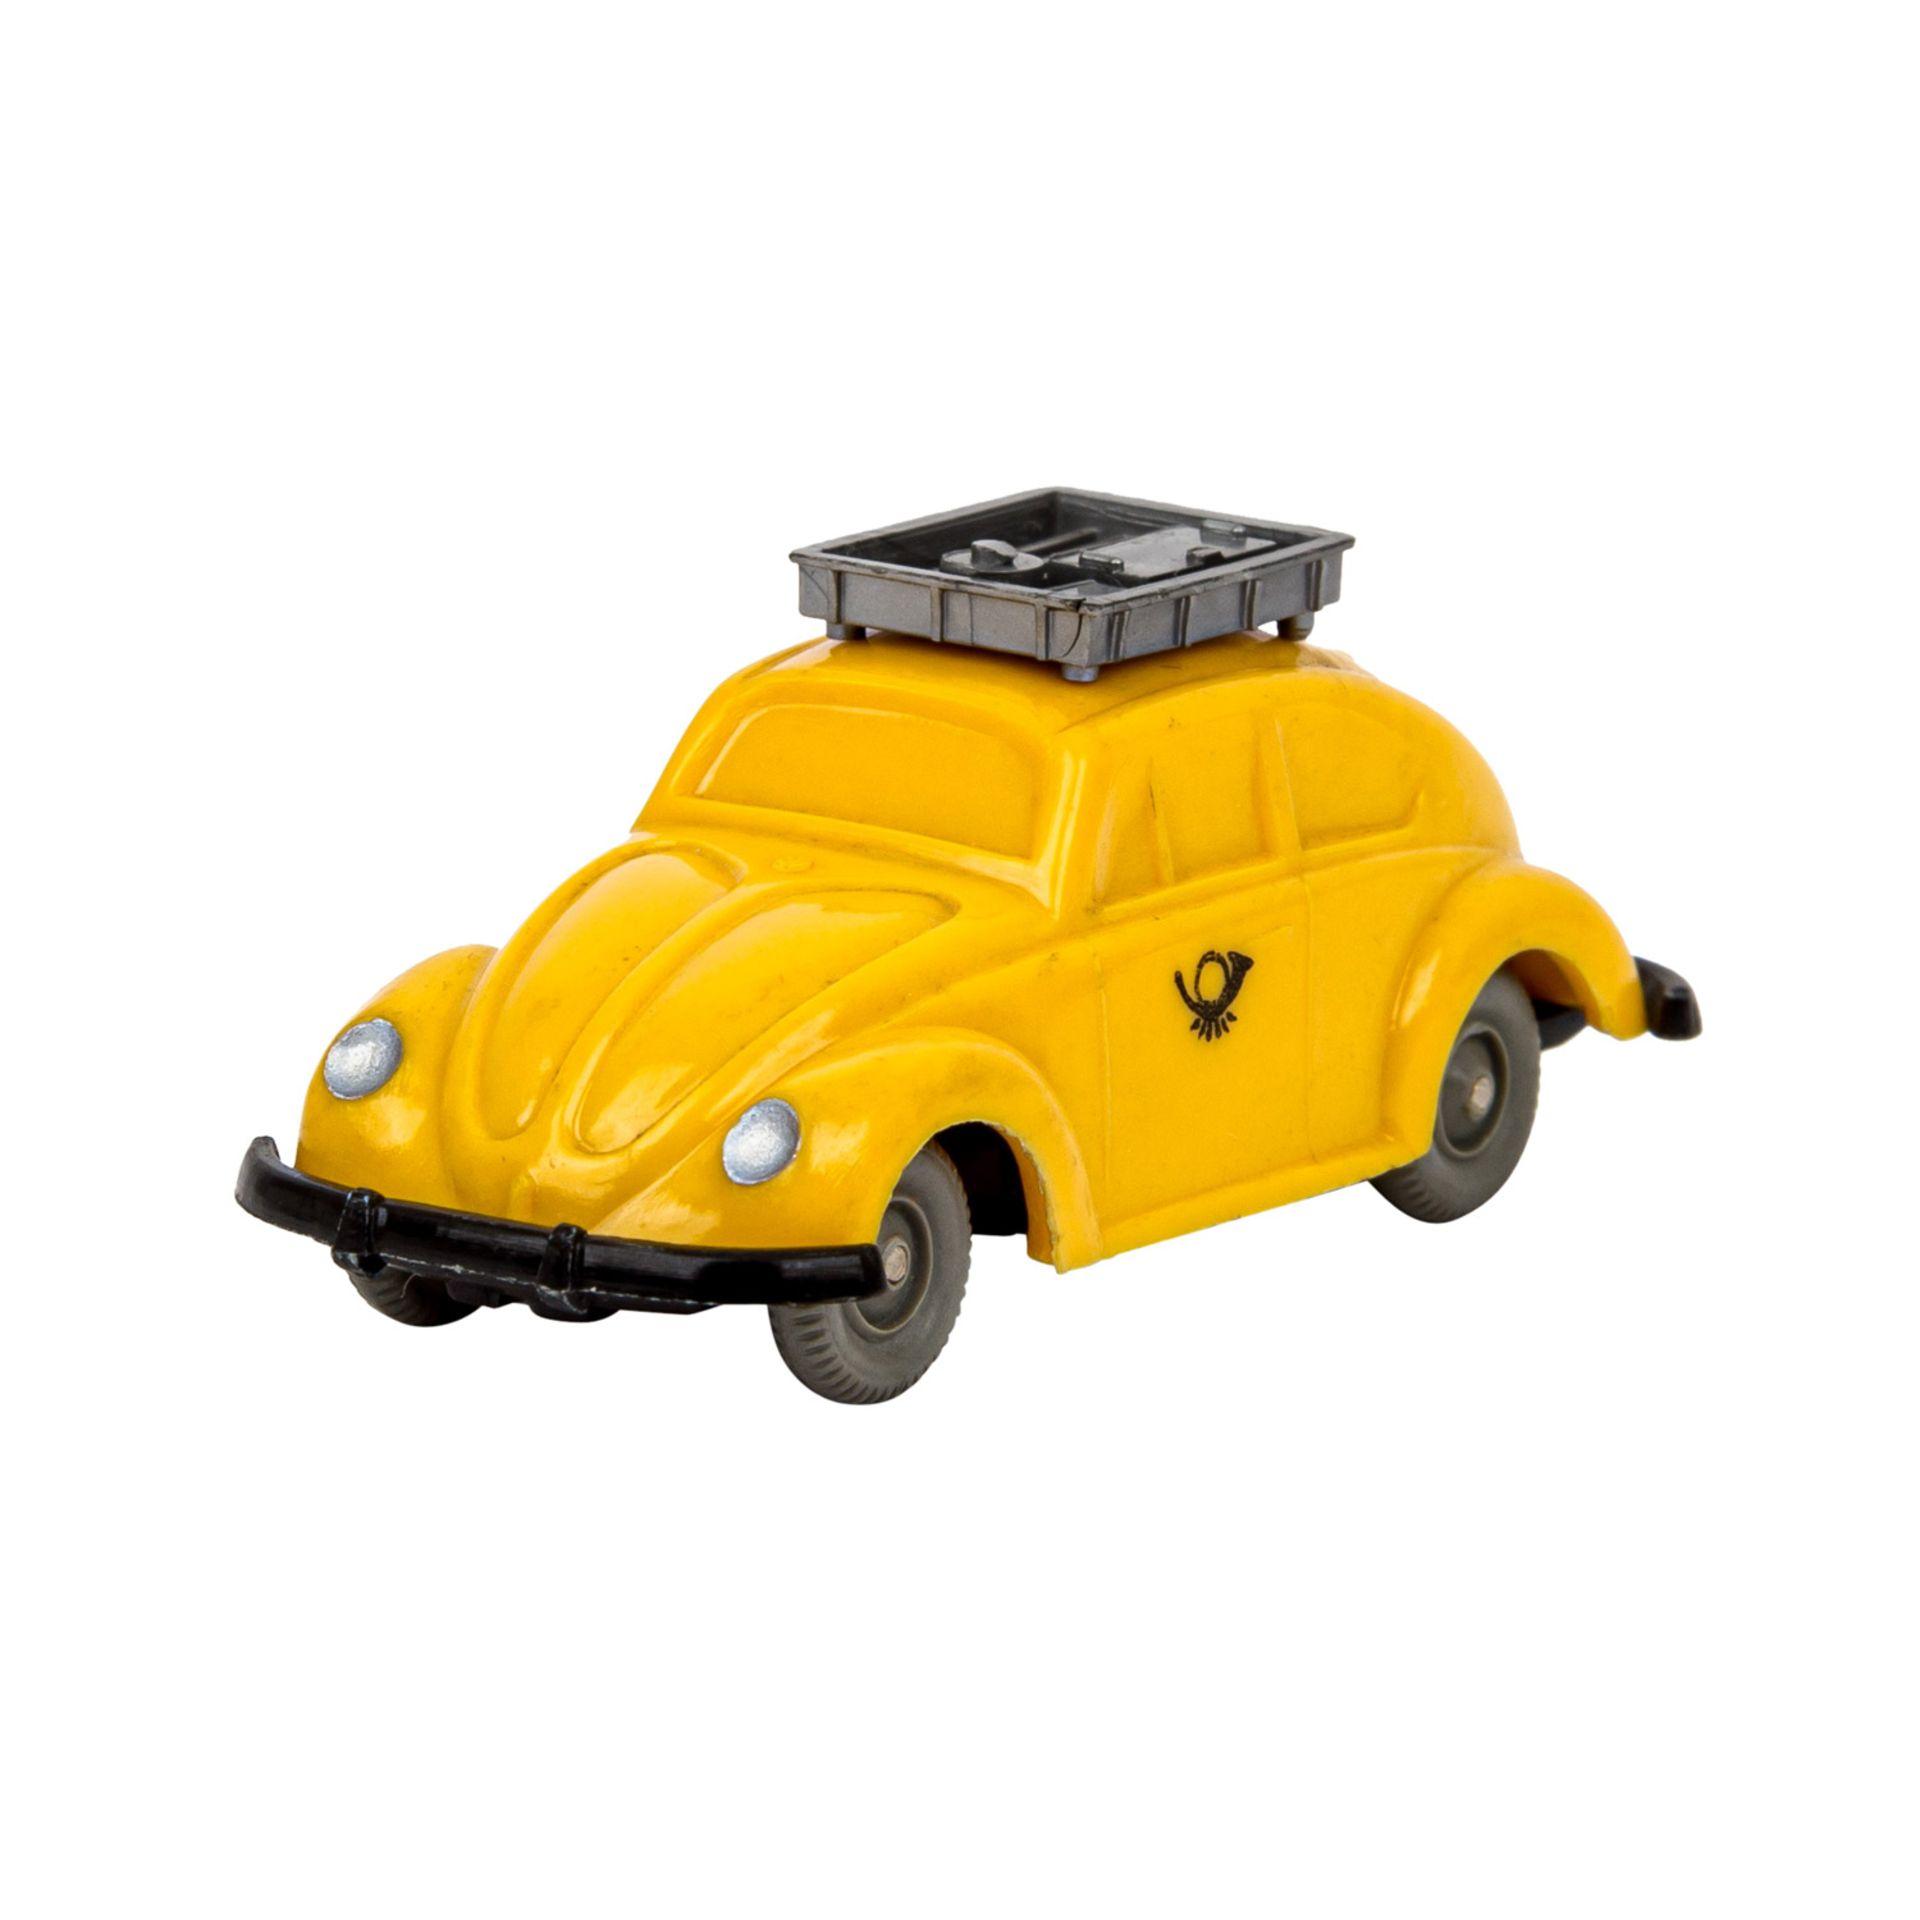 WIKING VW Käfer 'Postwagen', 1963-67,unverglaster Rollachser, gelbe Karosserie mit si